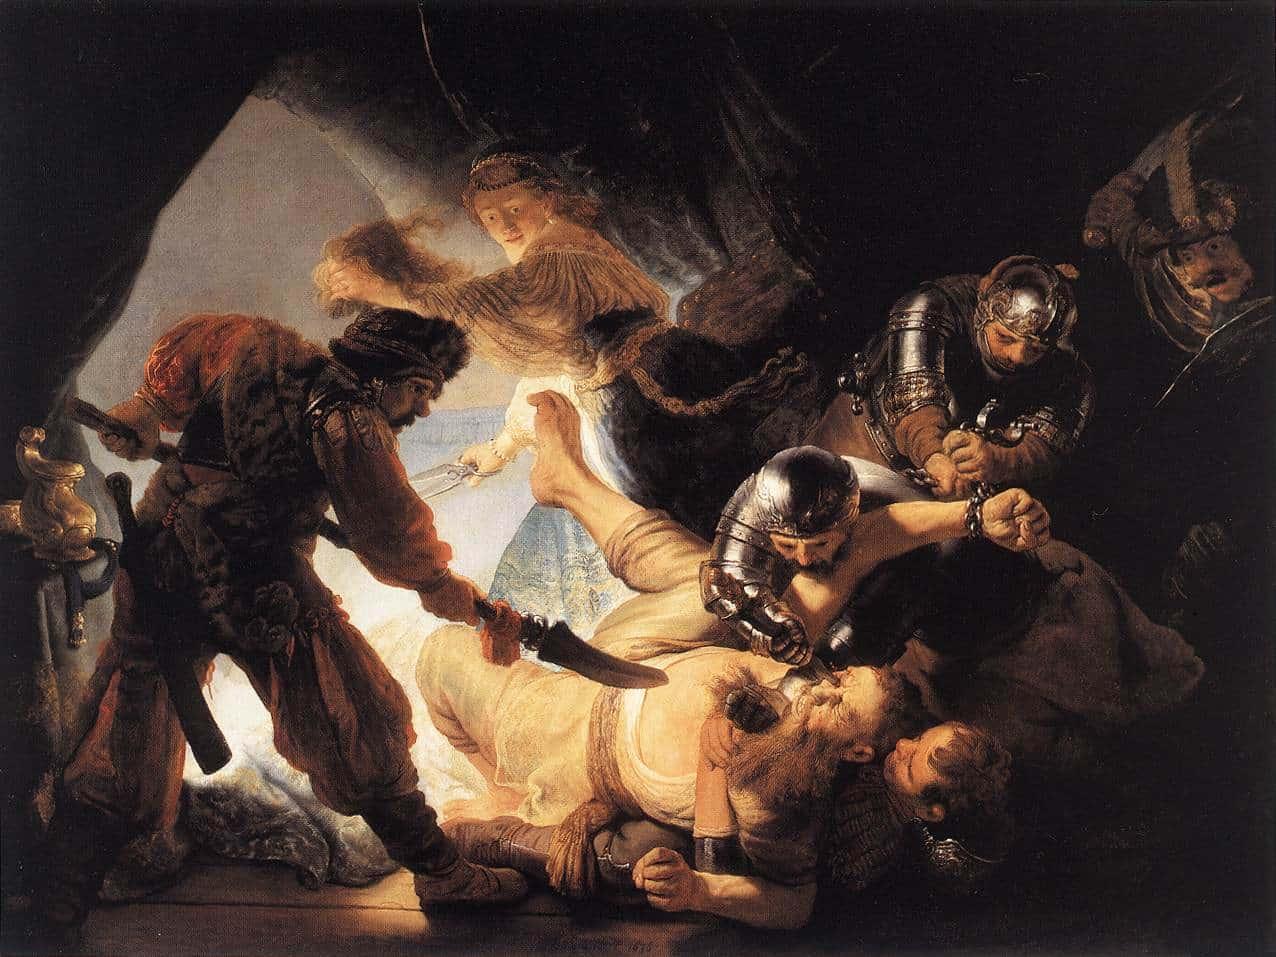 Samson Bible Story